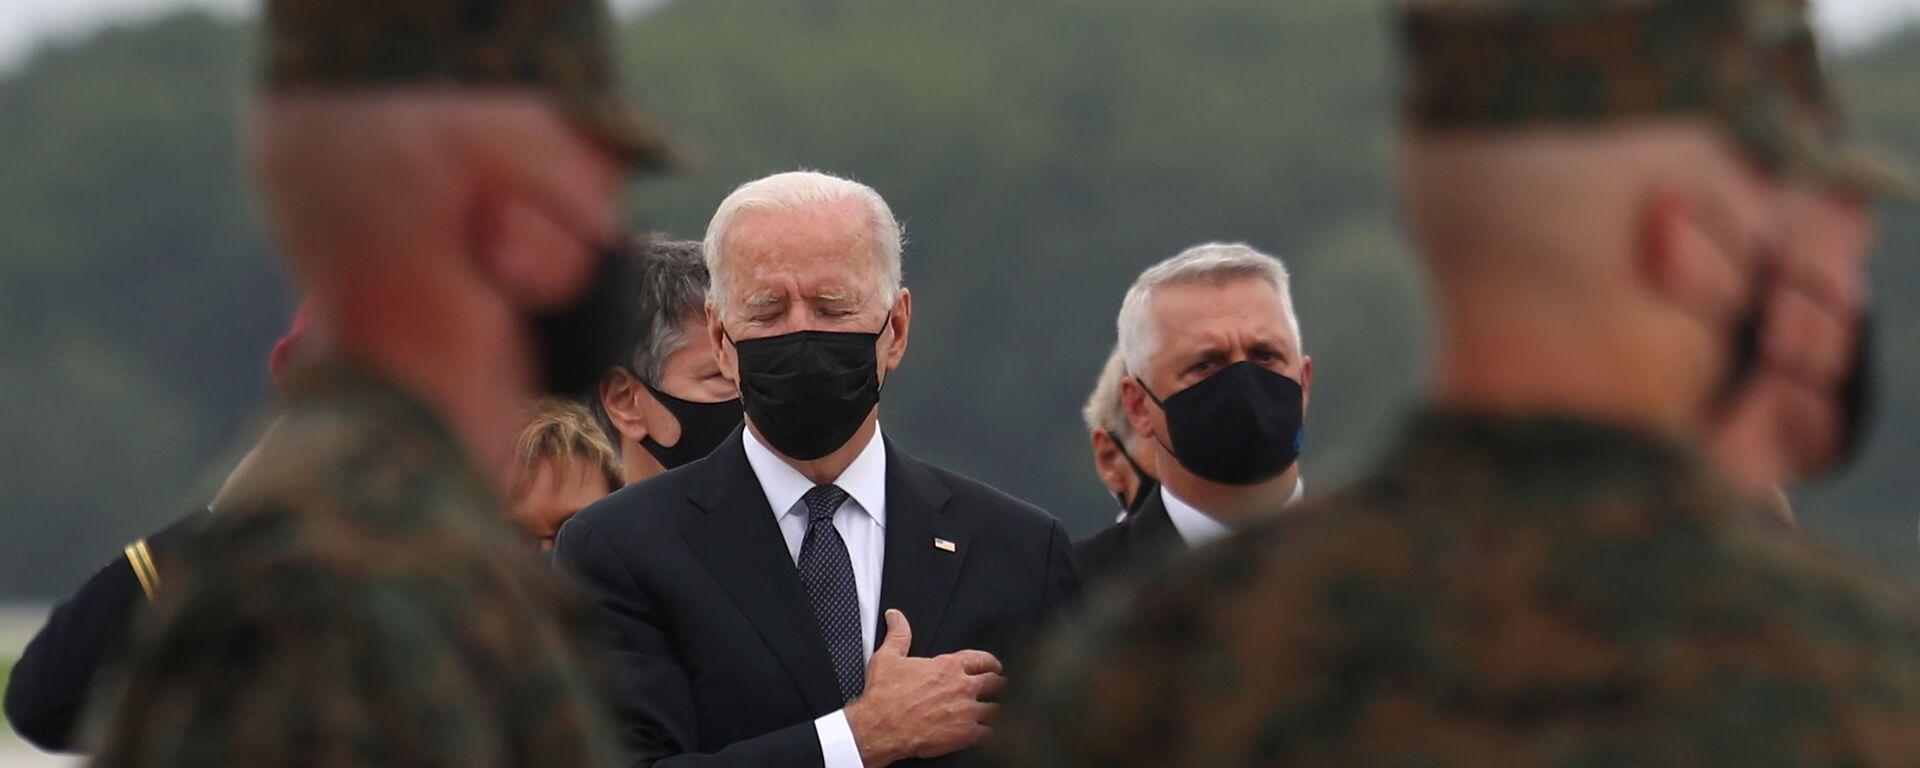 Americký prezident Joe Biden - Sputnik Česká republika, 1920, 12.09.2021